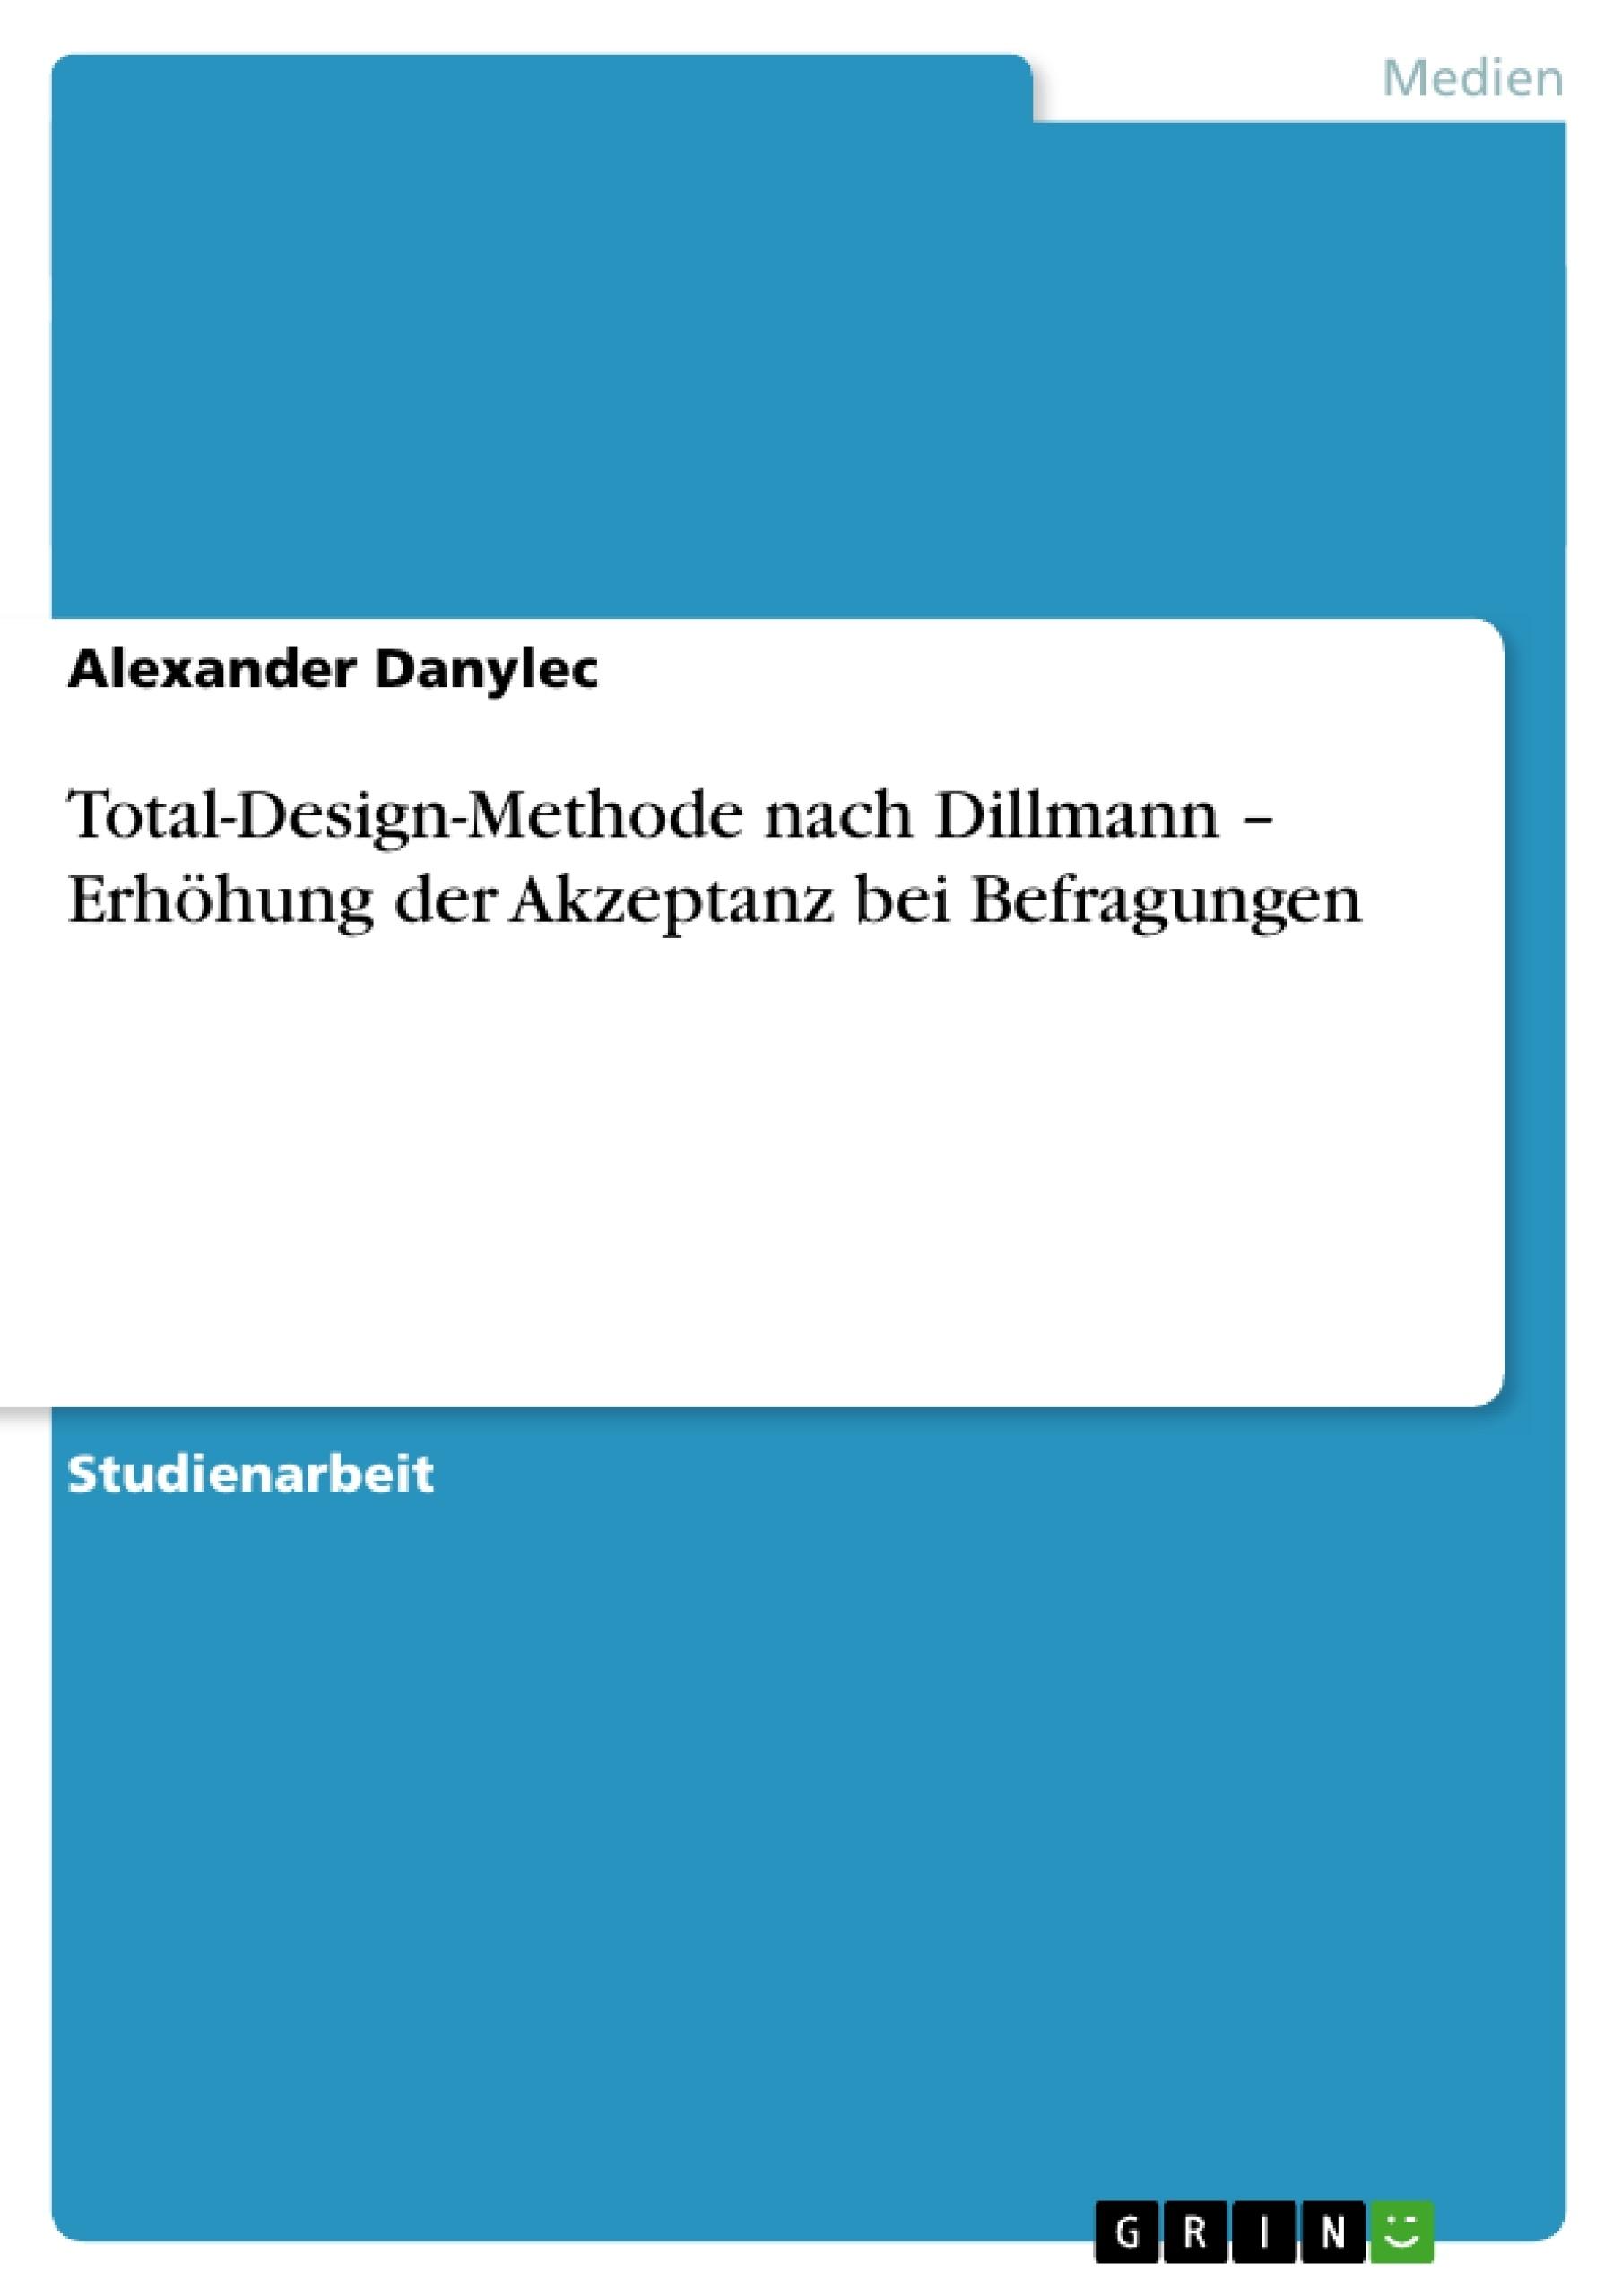 Titel: Total-Design-Methode nach Dillmann – Erhöhung der Akzeptanz bei Befragungen